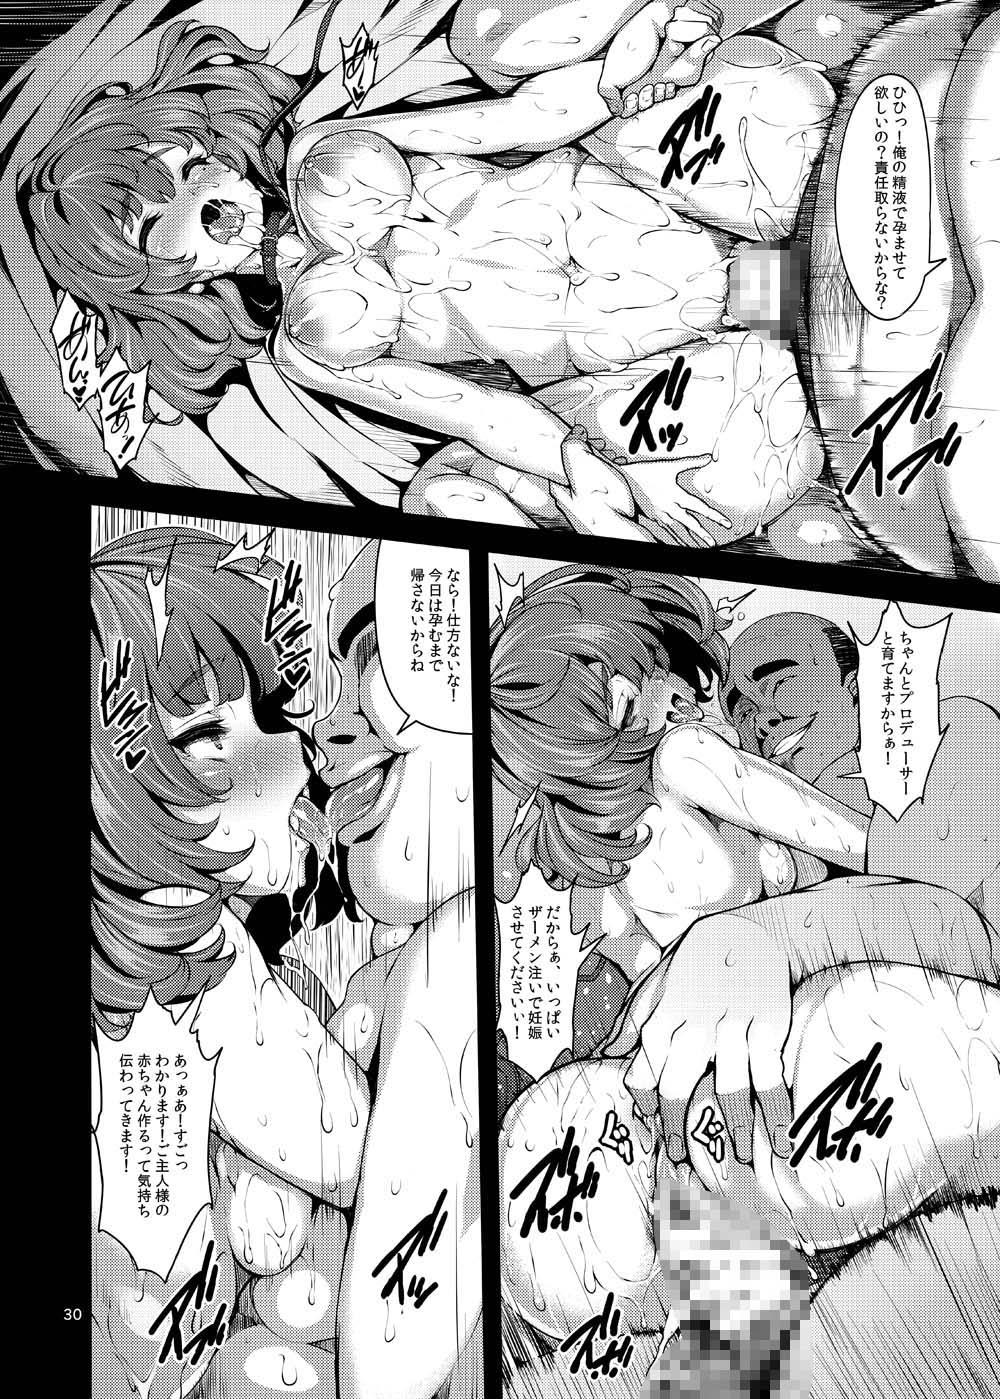 【エロ漫画無料大全集】【キメセクエロ漫画】キモオヤジにお薬盛られ鬼畜レイプされまくった女の子の運命が…